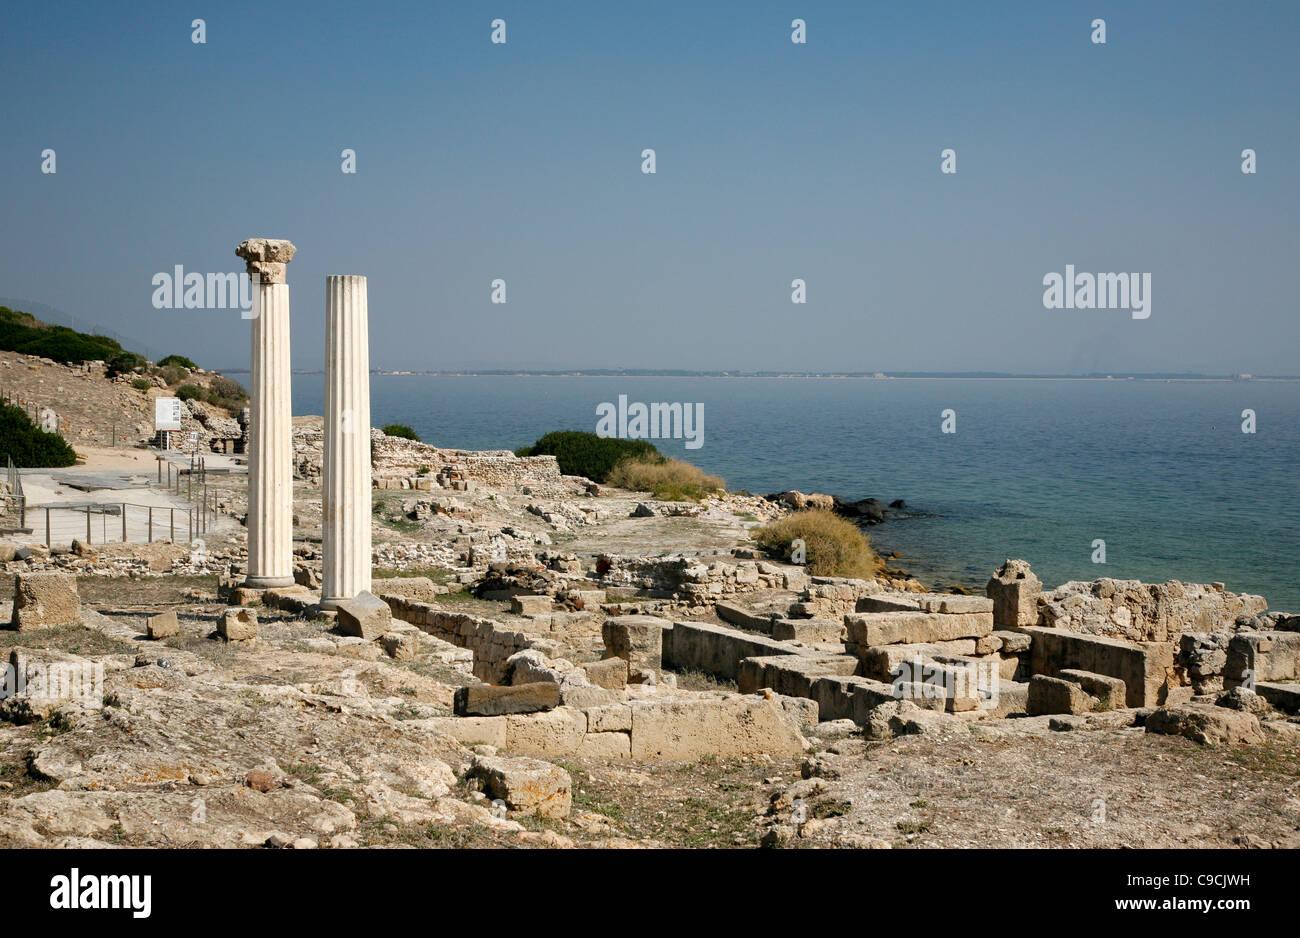 Vistas a las ruinas de Tharros y las columnas de Tempio Tetrastilo, península de Sinis, Cerdeña, Italia. Foto de stock